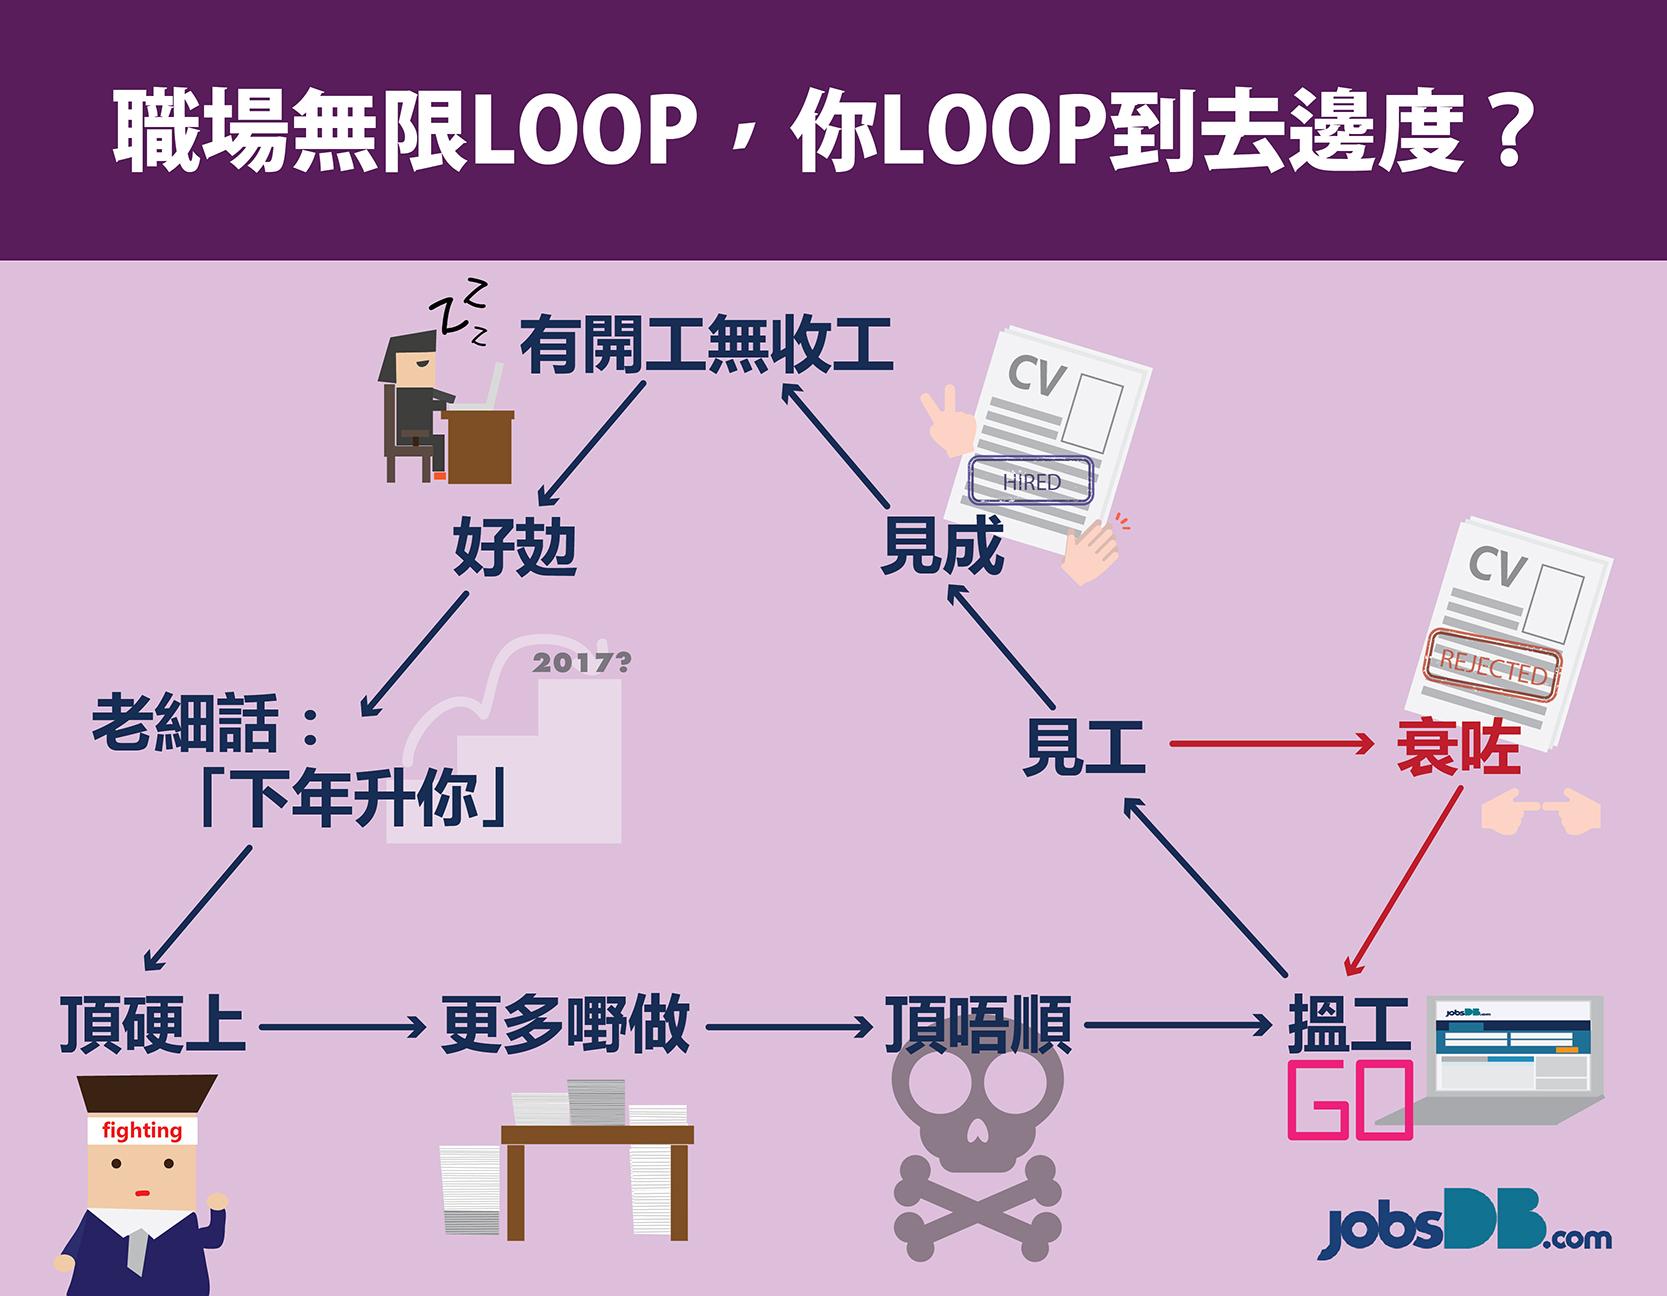 職場無限loop-你loop到去邊度